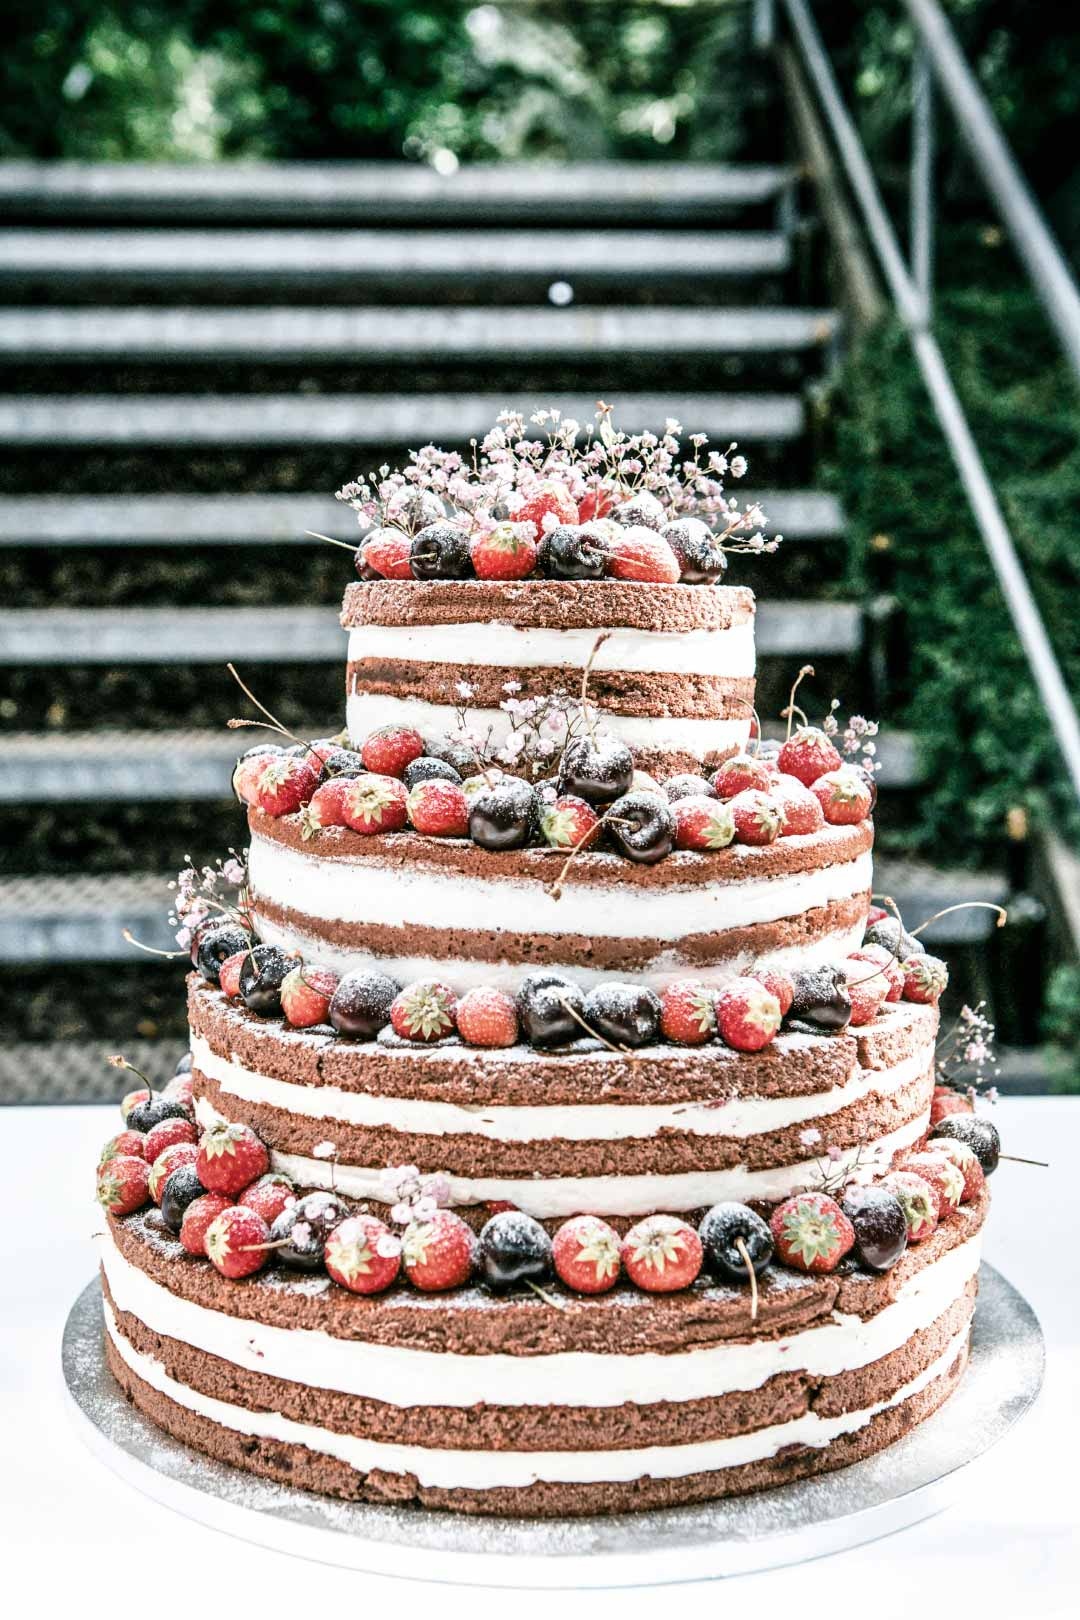 Naked Cake mit drei Etagenb und Beeren als Verzierung